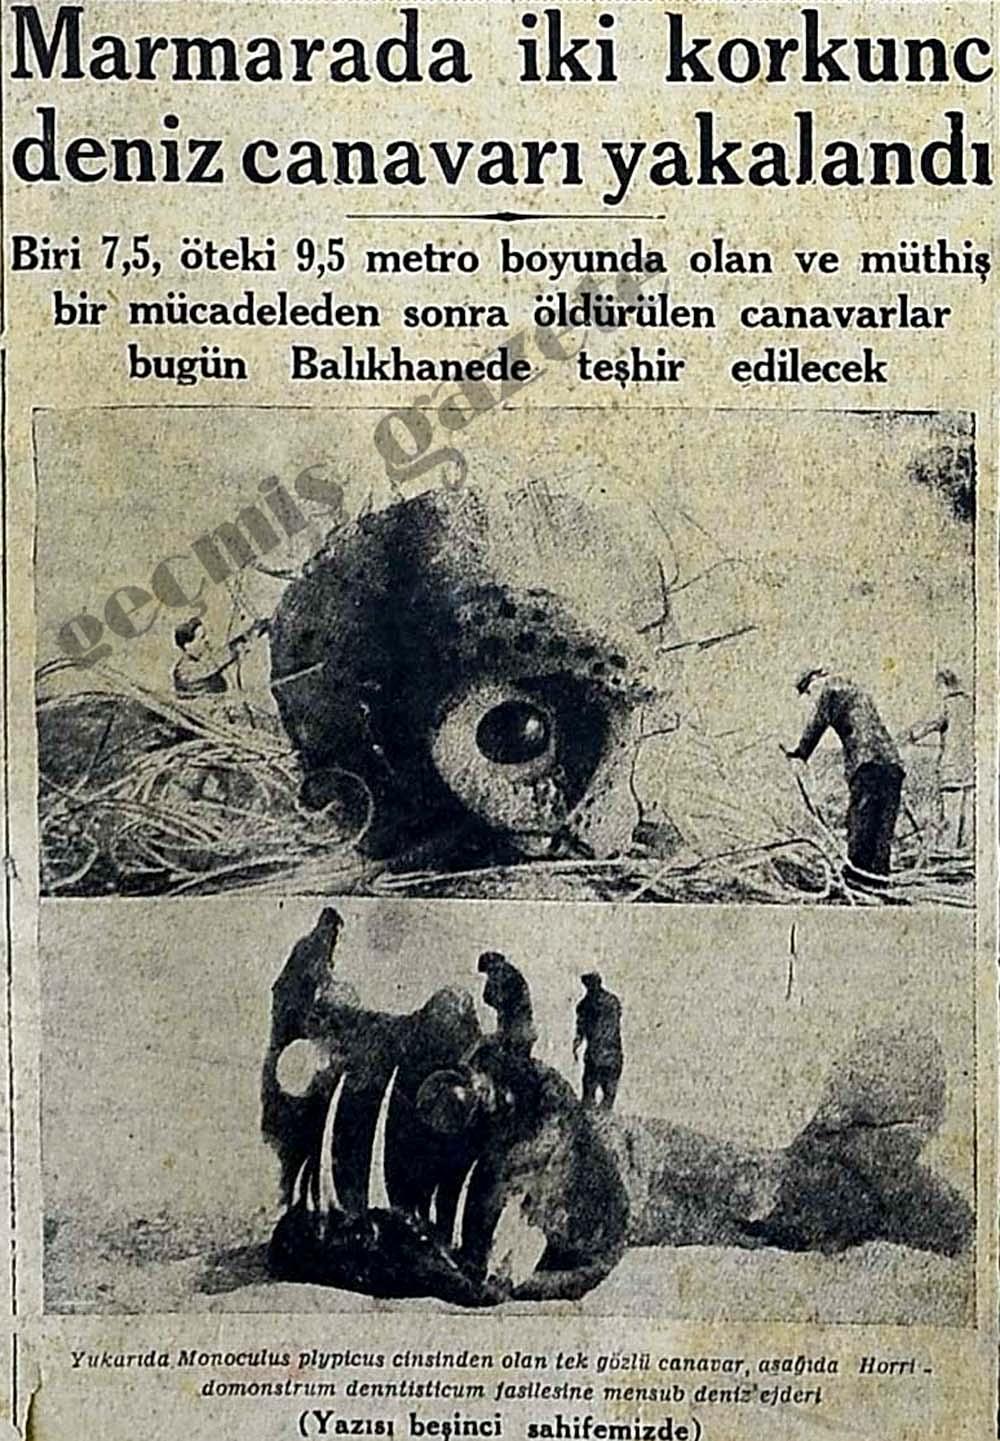 Marmarada iki korkunc deniz canavarı yakalandı